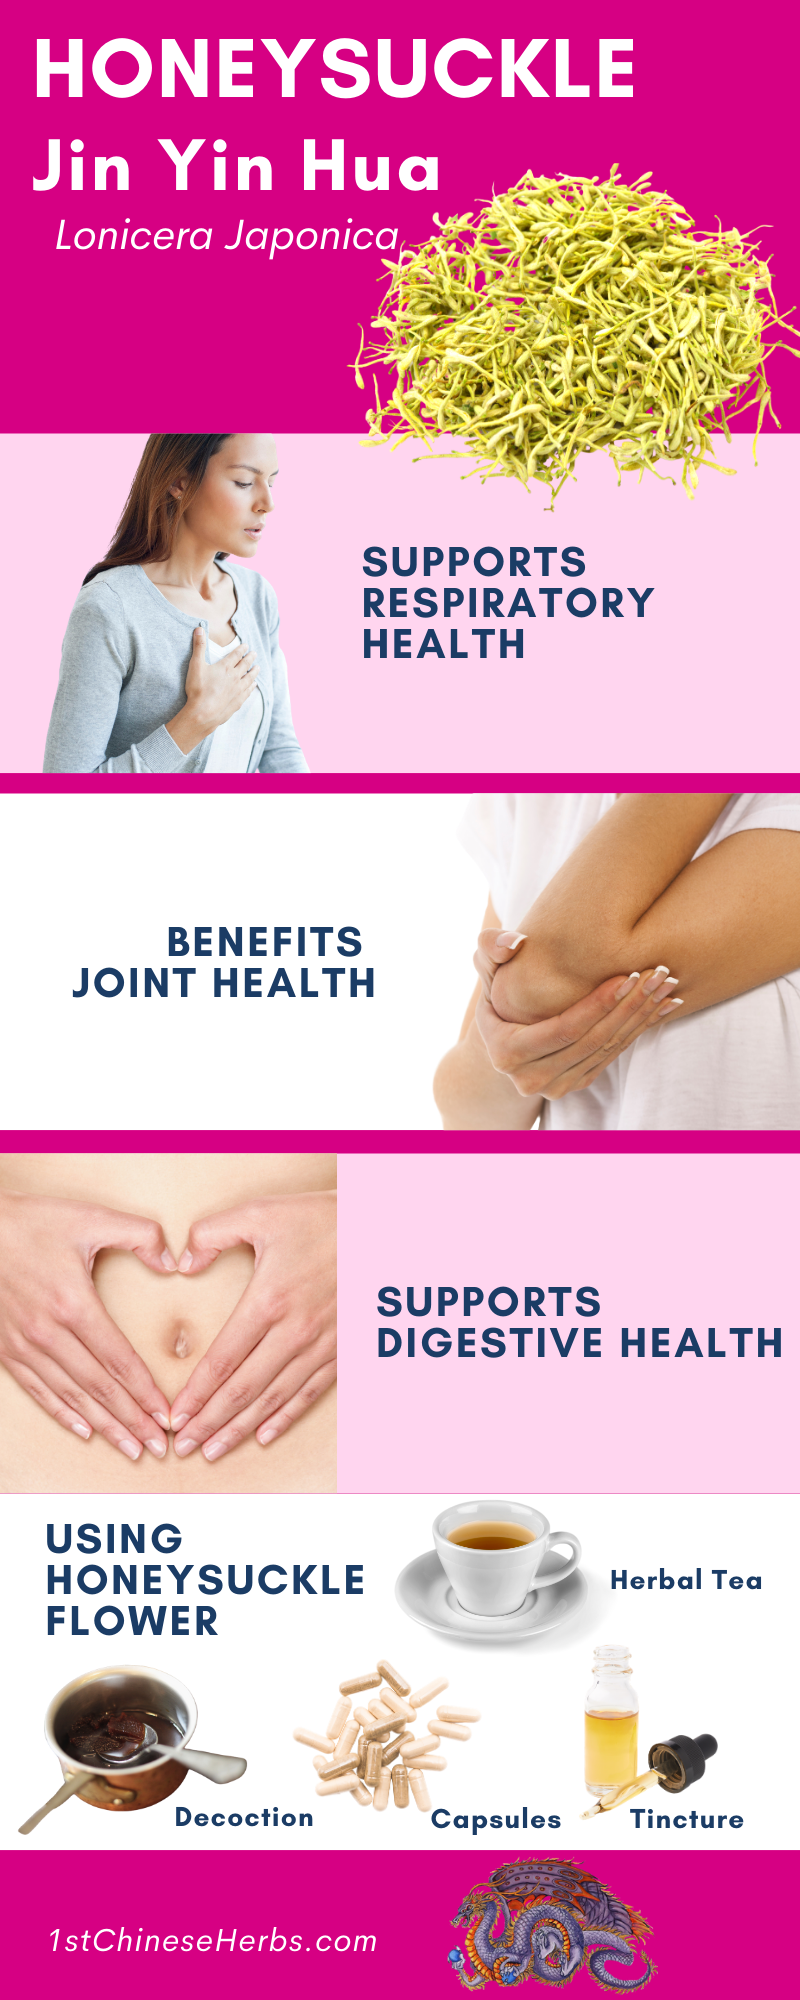 Jin Yin Hua benefits, Jin Yin Hua health benefits, how to use Jin Yin Hua, jin yin hua diabetes, jin yin hua arthritis, jin yin hua flu, jin yin hua antiviral, jin yin hua digestion, jin yin hua antibacterial